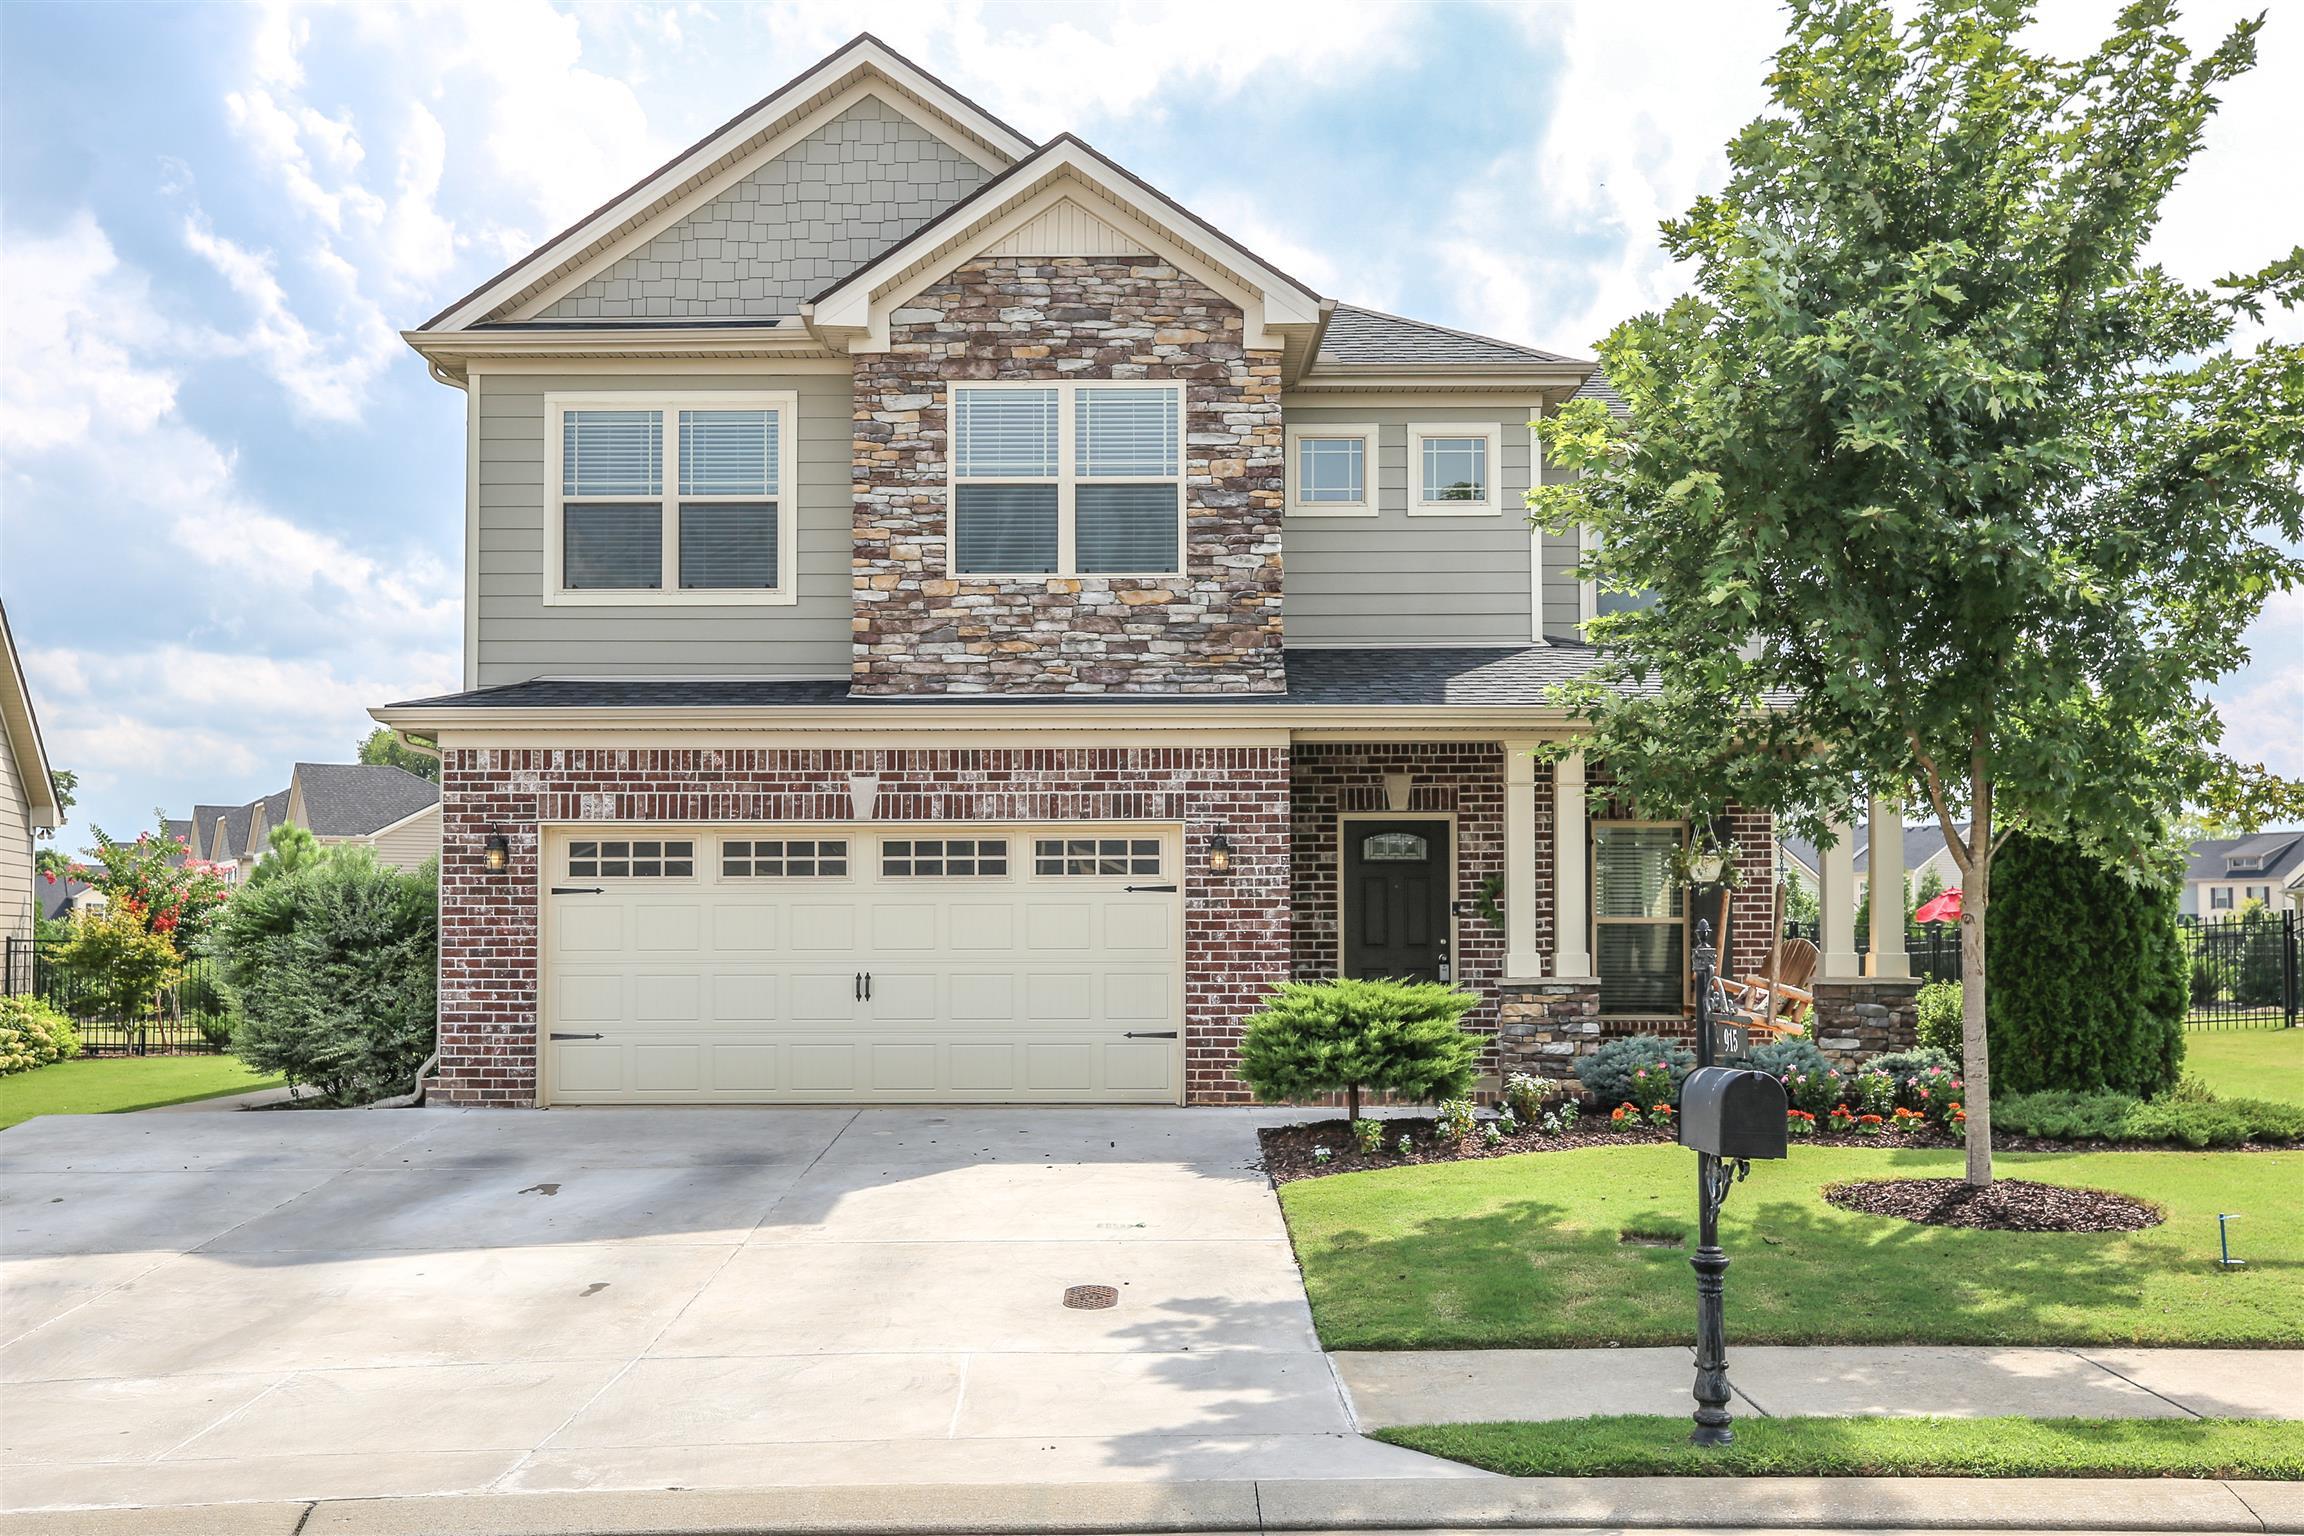 915 Contessa Dr, Murfreesboro, TN 37128 - Murfreesboro, TN real estate listing